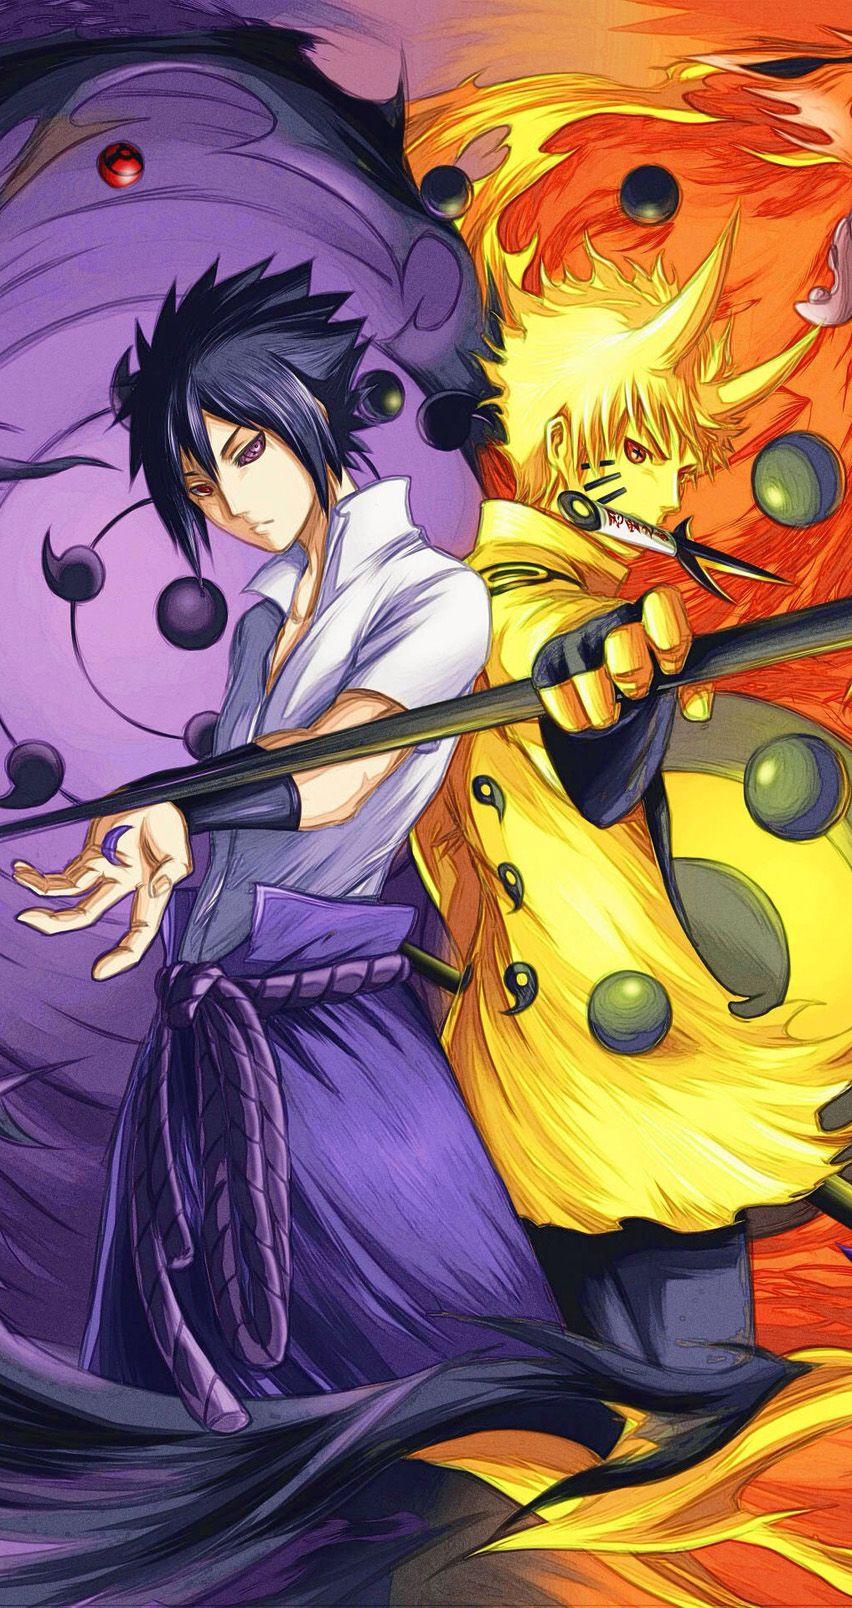 Naruto Sasuke sharinnegan Kakkoi desu ne There is more Naruto 852x1608